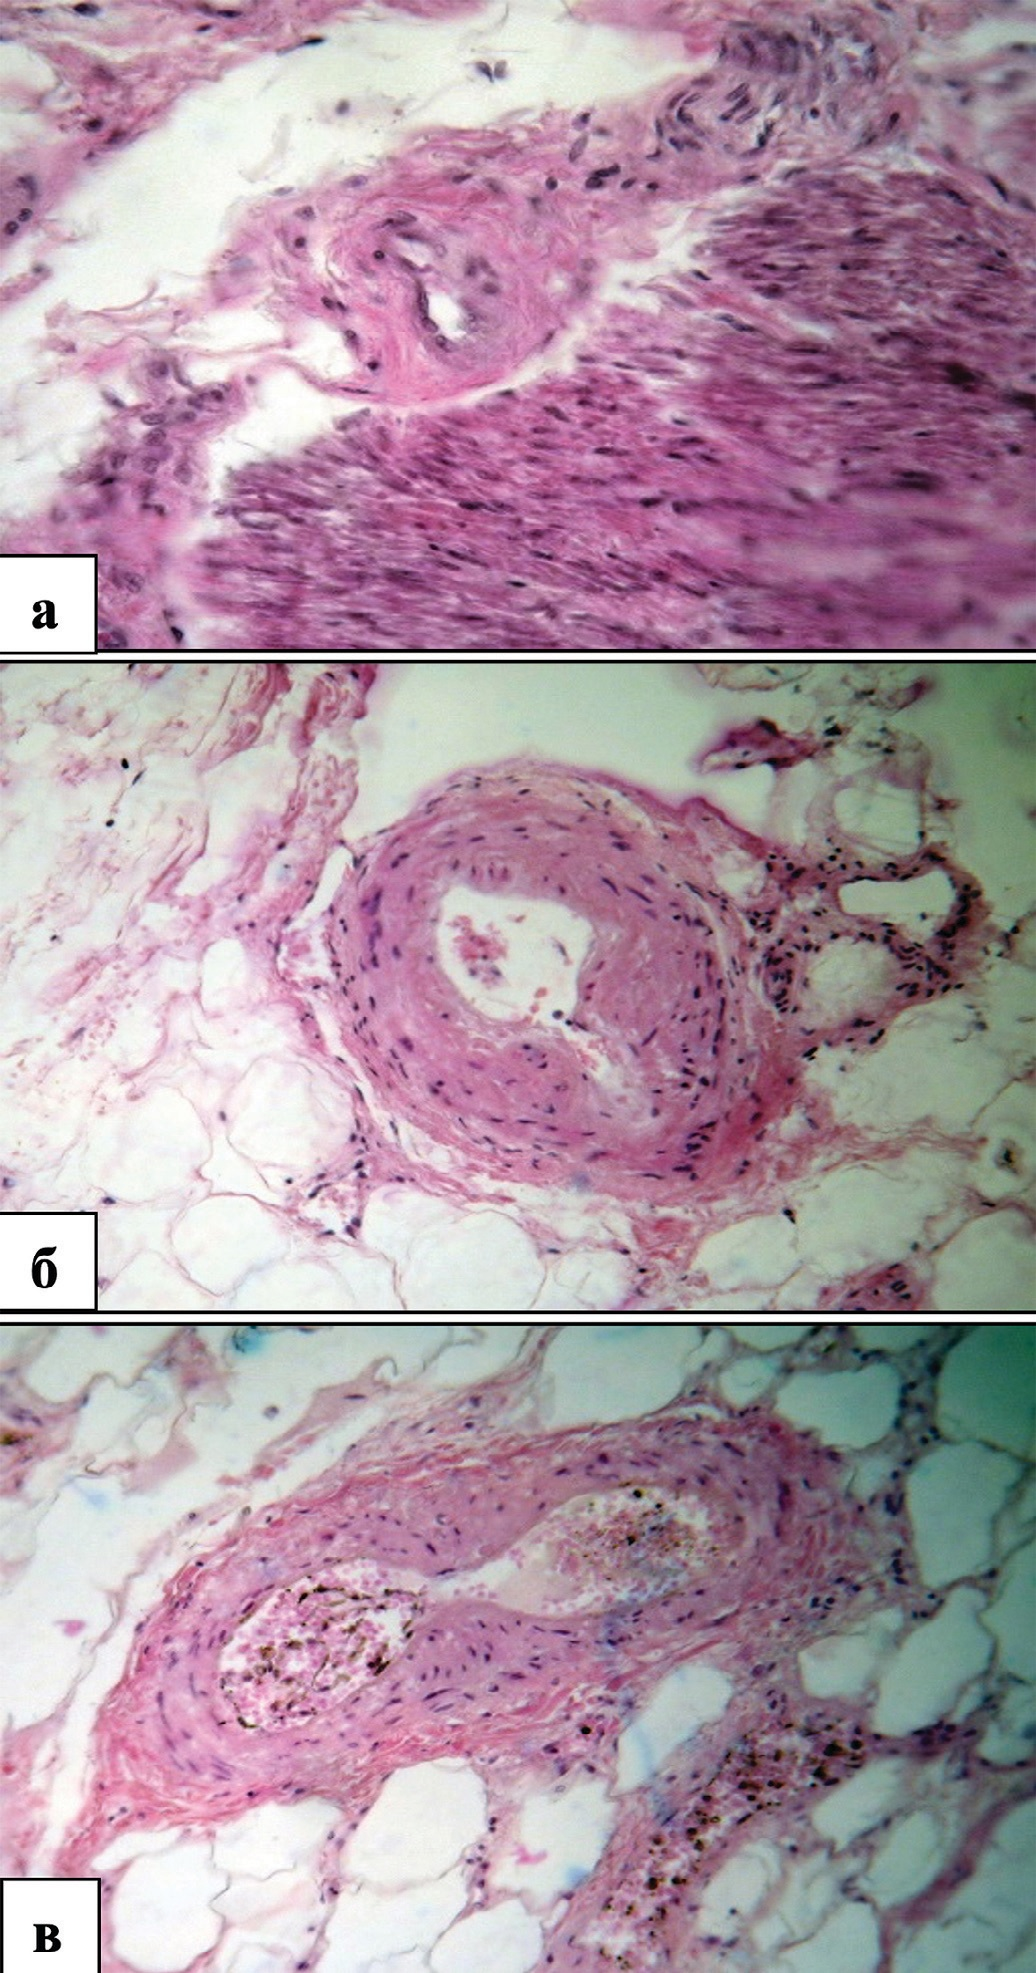 Структурные изменения внеорганных и внутриорганных артерий мочевого пузыря у мужчин пожилого и старческого возраста при декомпенсированной ГПЖ. Окраска гематоксилином и эозином.